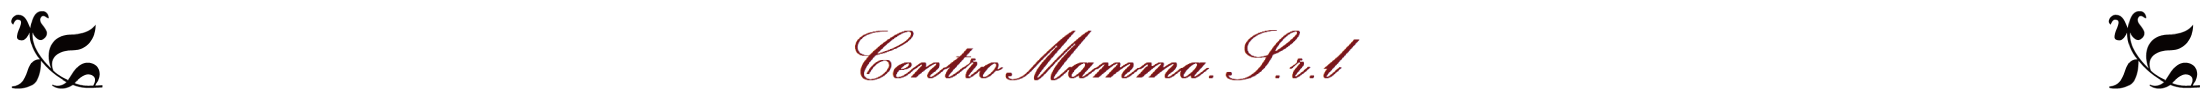 チェントロマンマロゴ